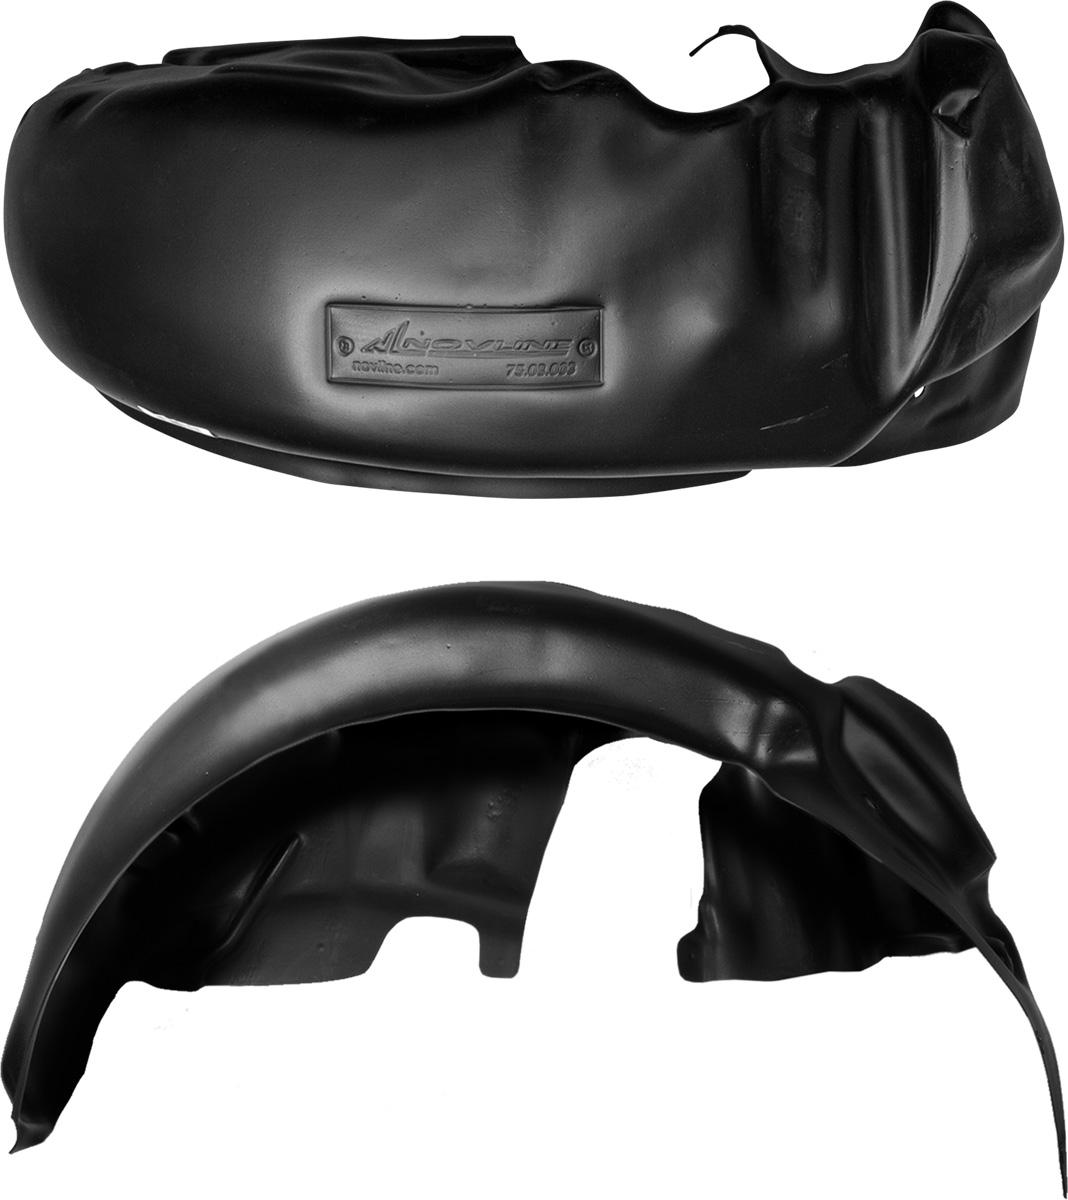 Подкрылок Novline-Autofamily, для Kia RIO, 2011->, седан, хэтчбек, передний правыйNLL.25.38.002Колесные ниши – одни из самых уязвимых зон днища вашего автомобиля. Они постоянно подвергаются воздействию со стороны дороги. Лучшая, почти абсолютная защита для них - специально отформованные пластиковые кожухи, которые называются подкрылками, или локерами. Производятся они как для отечественных моделей автомобилей, так и для иномарок. Подкрылки выполнены из высококачественного, экологически чистого пластика. Обеспечивают надежную защиту кузова автомобиля от пескоструйного эффекта и негативного влияния, агрессивных антигололедных реагентов. Пластик обладает более низкой теплопроводностью, чем металл, поэтому в зимний период эксплуатации использование пластиковых подкрылков позволяет лучше защитить колесные ниши от налипания снега и образования наледи. Оригинальность конструкции подчеркивает элегантность автомобиля, бережно защищает нанесенное на днище кузова антикоррозийное покрытие и позволяет осуществить крепление подкрылков внутри колесной арки практически без дополнительного крепежа и сверления, не нарушая при этом лакокрасочного покрытия, что предотвращает возникновение новых очагов коррозии. Технология крепления подкрылков на иномарки принципиально отличается от крепления на российские автомобили и разрабатывается индивидуально для каждой модели автомобиля. Подкрылки долговечны, обладают высокой прочностью и сохраняют заданную форму, а также все свои физико-механические характеристики в самых тяжелых климатических условиях ( от -50° С до + 50° С).